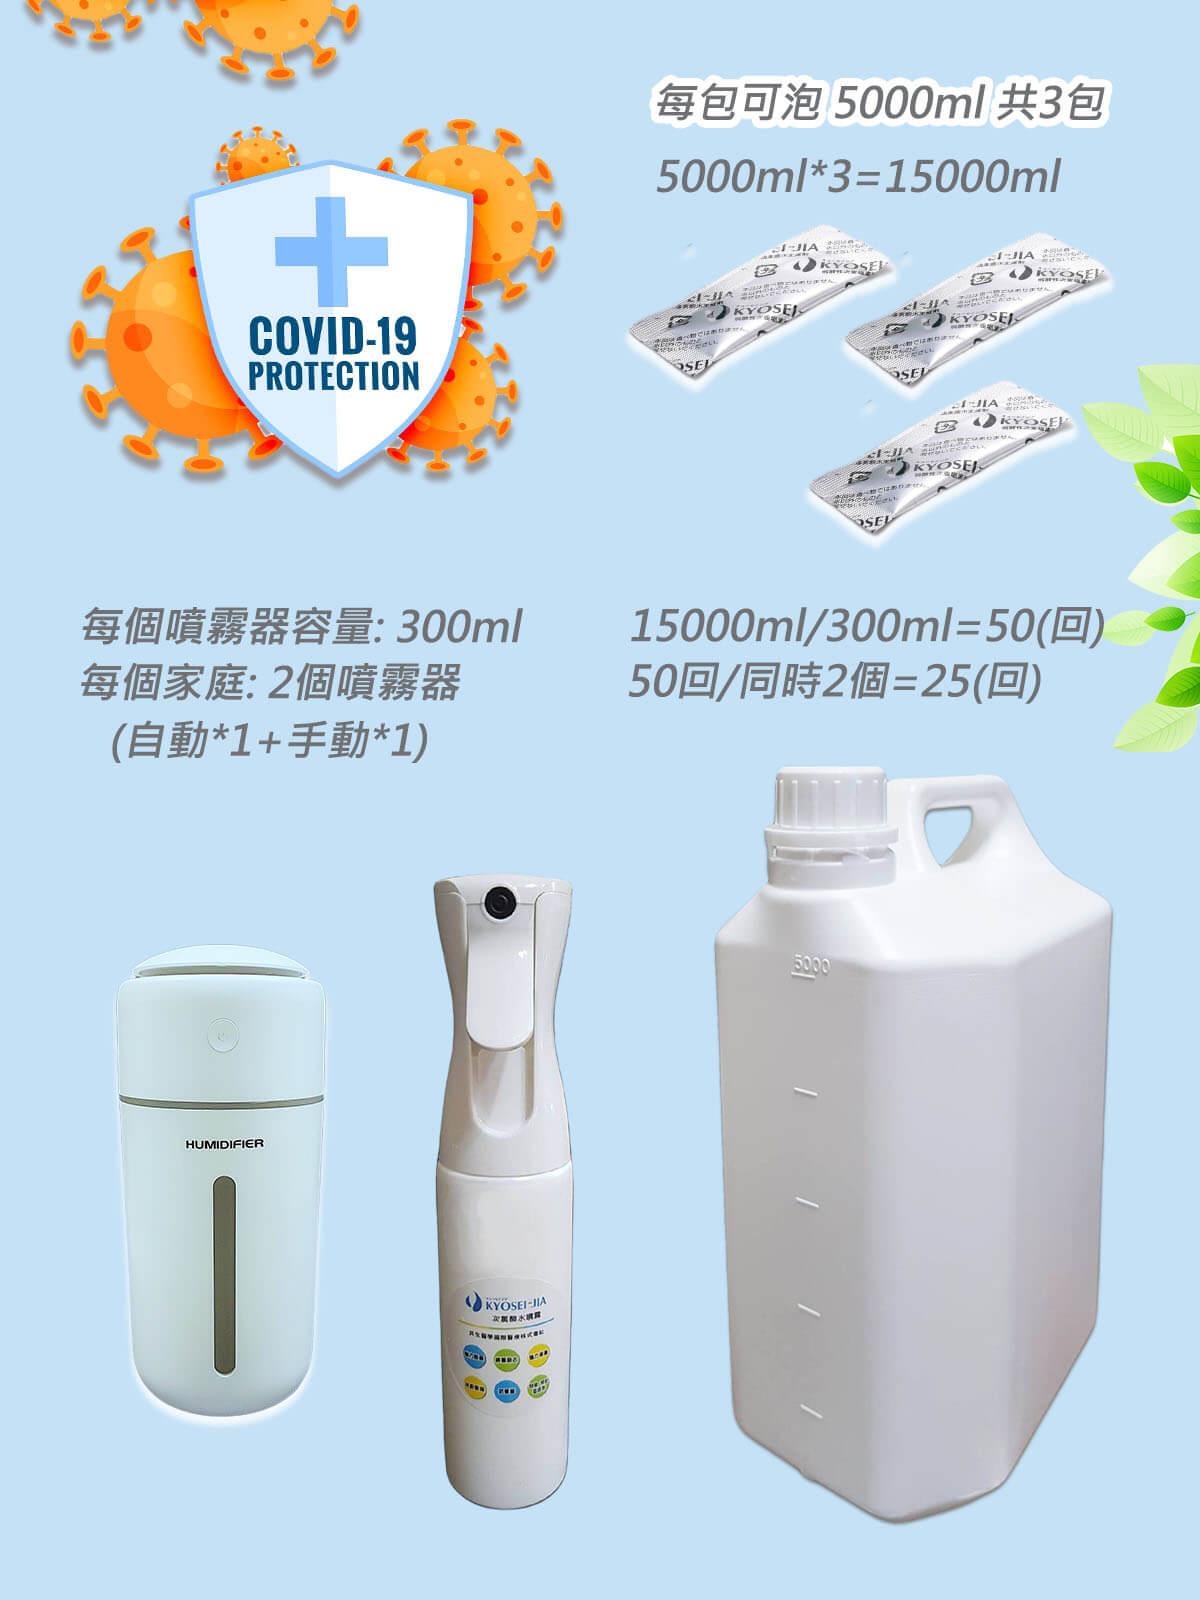 日本製KYOSEI-JIA微酸性次氯酸水生成劑3小包+1自動1手動噴霧器+5000ml容器